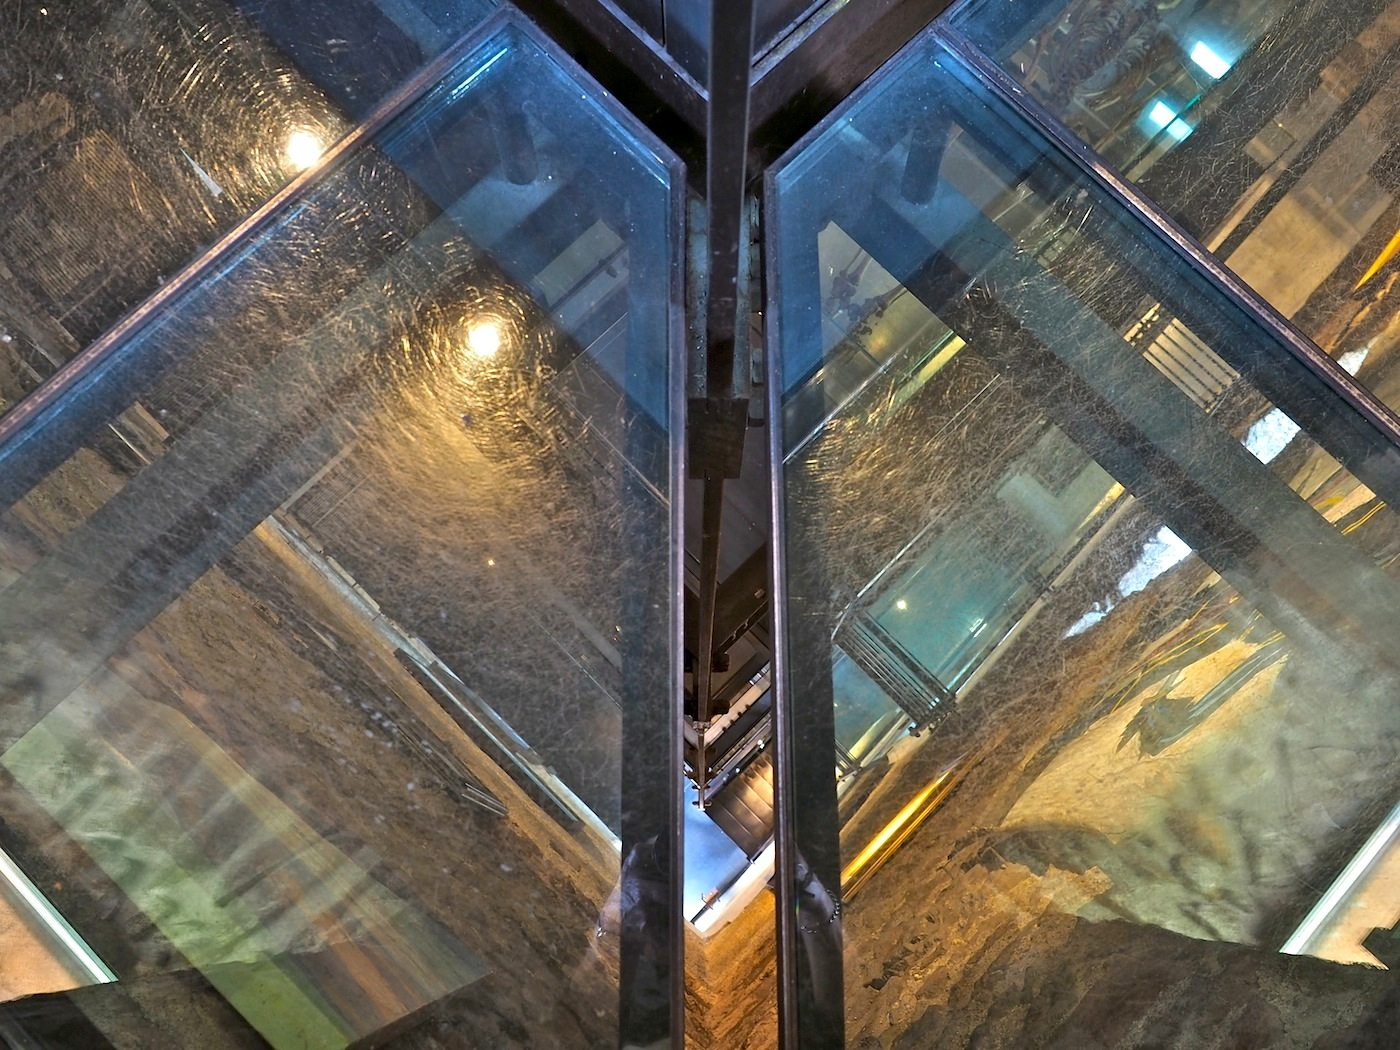 Achtsame Schritte.. Begehbare Glasböden im Weißen Turm, dem Bergfried aus dem 12. Jahrhundert, erlauben tiefe Einblicke in die Konstruktion der Treppen und Plattformen.